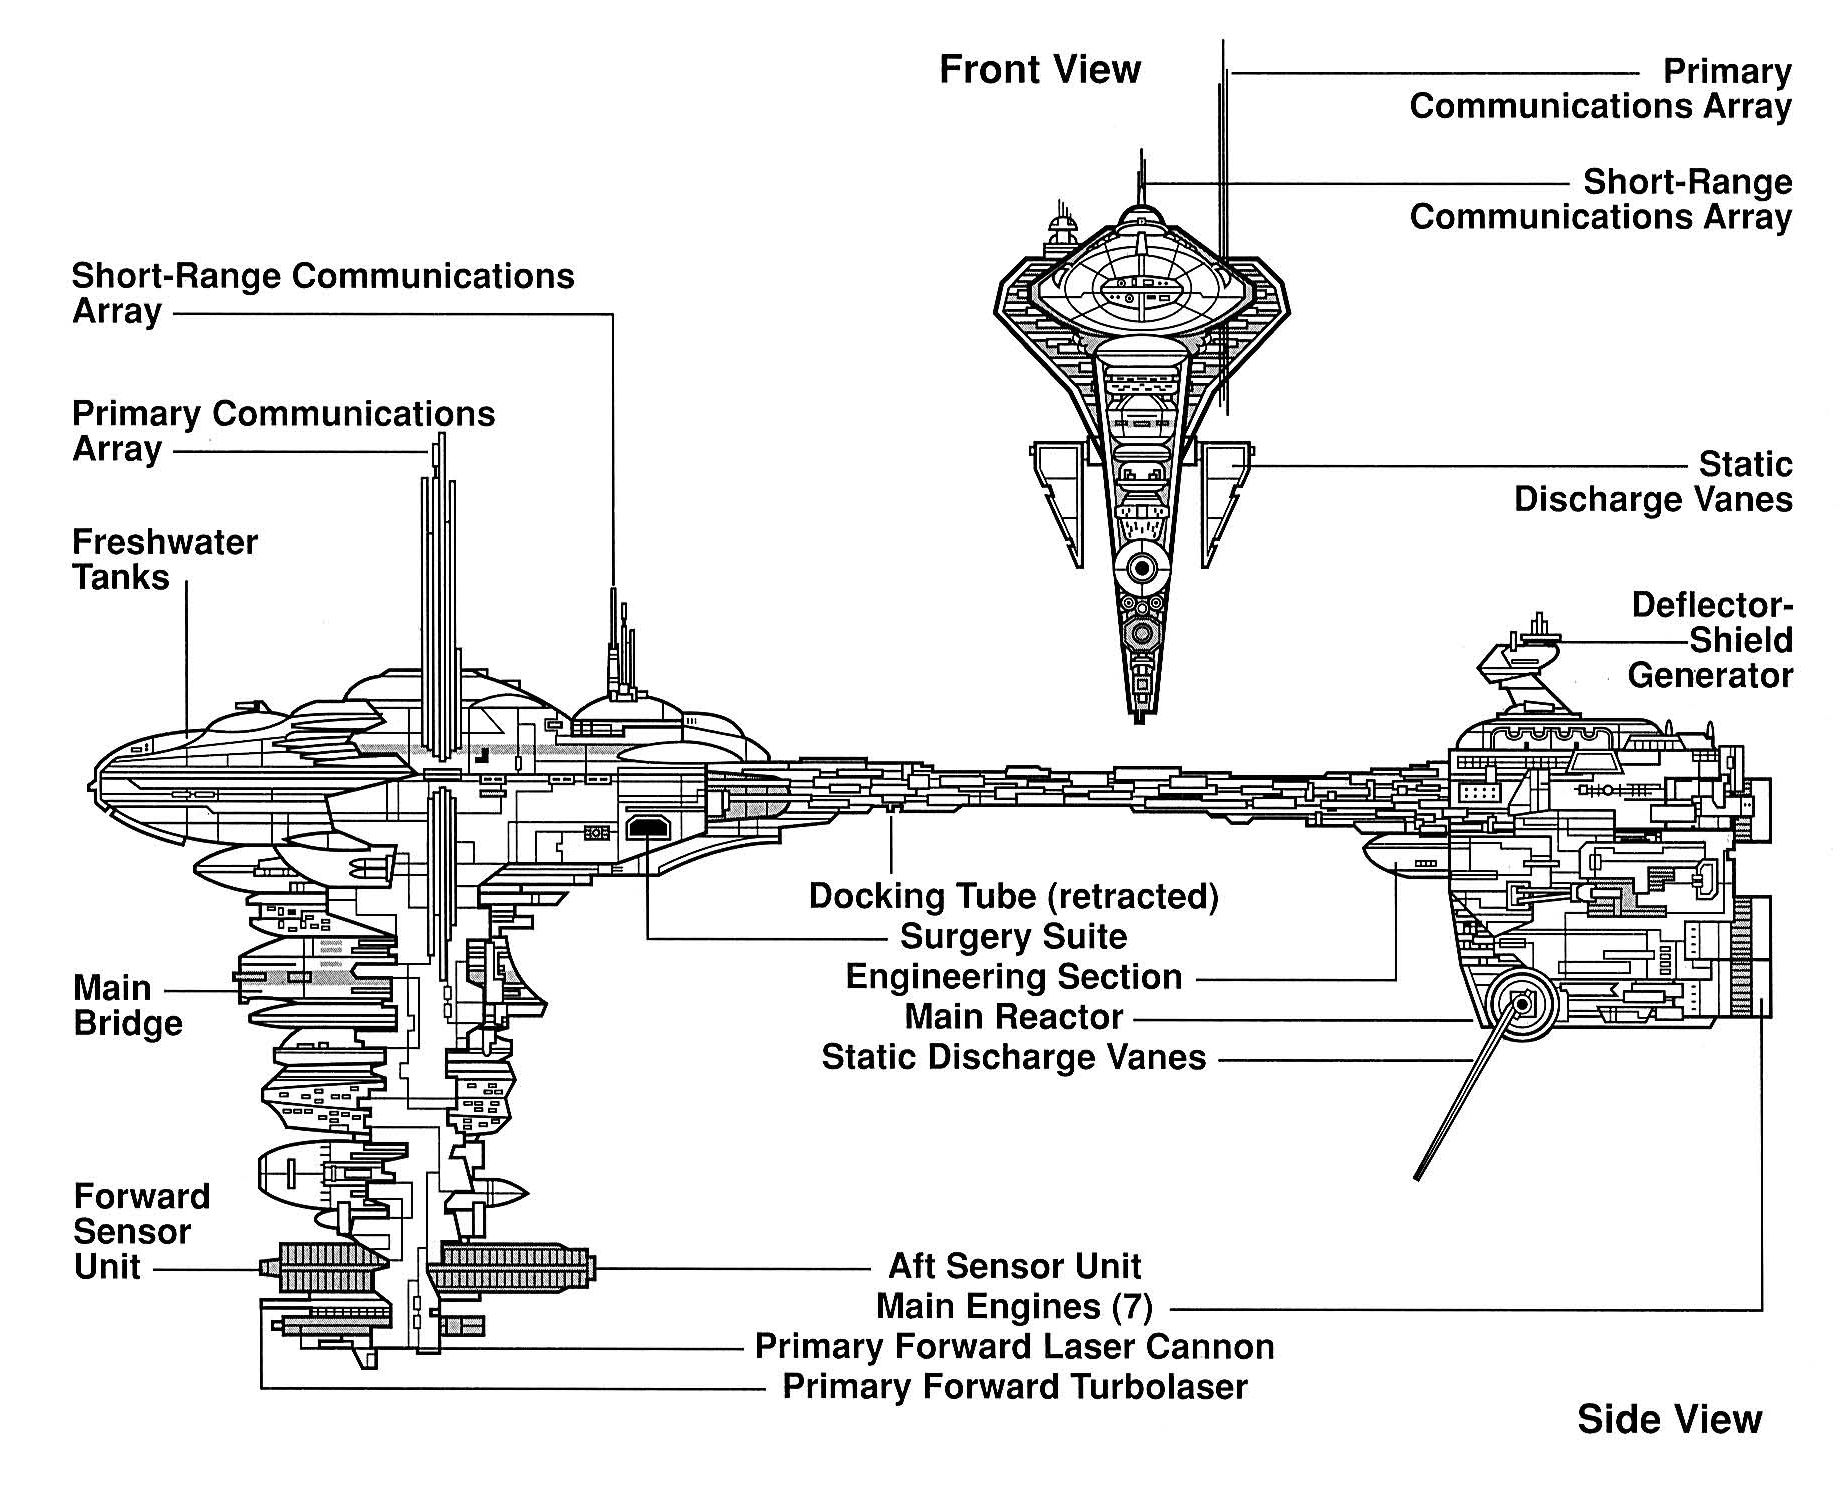 Star Wars Nebulon B Fregate Schematics